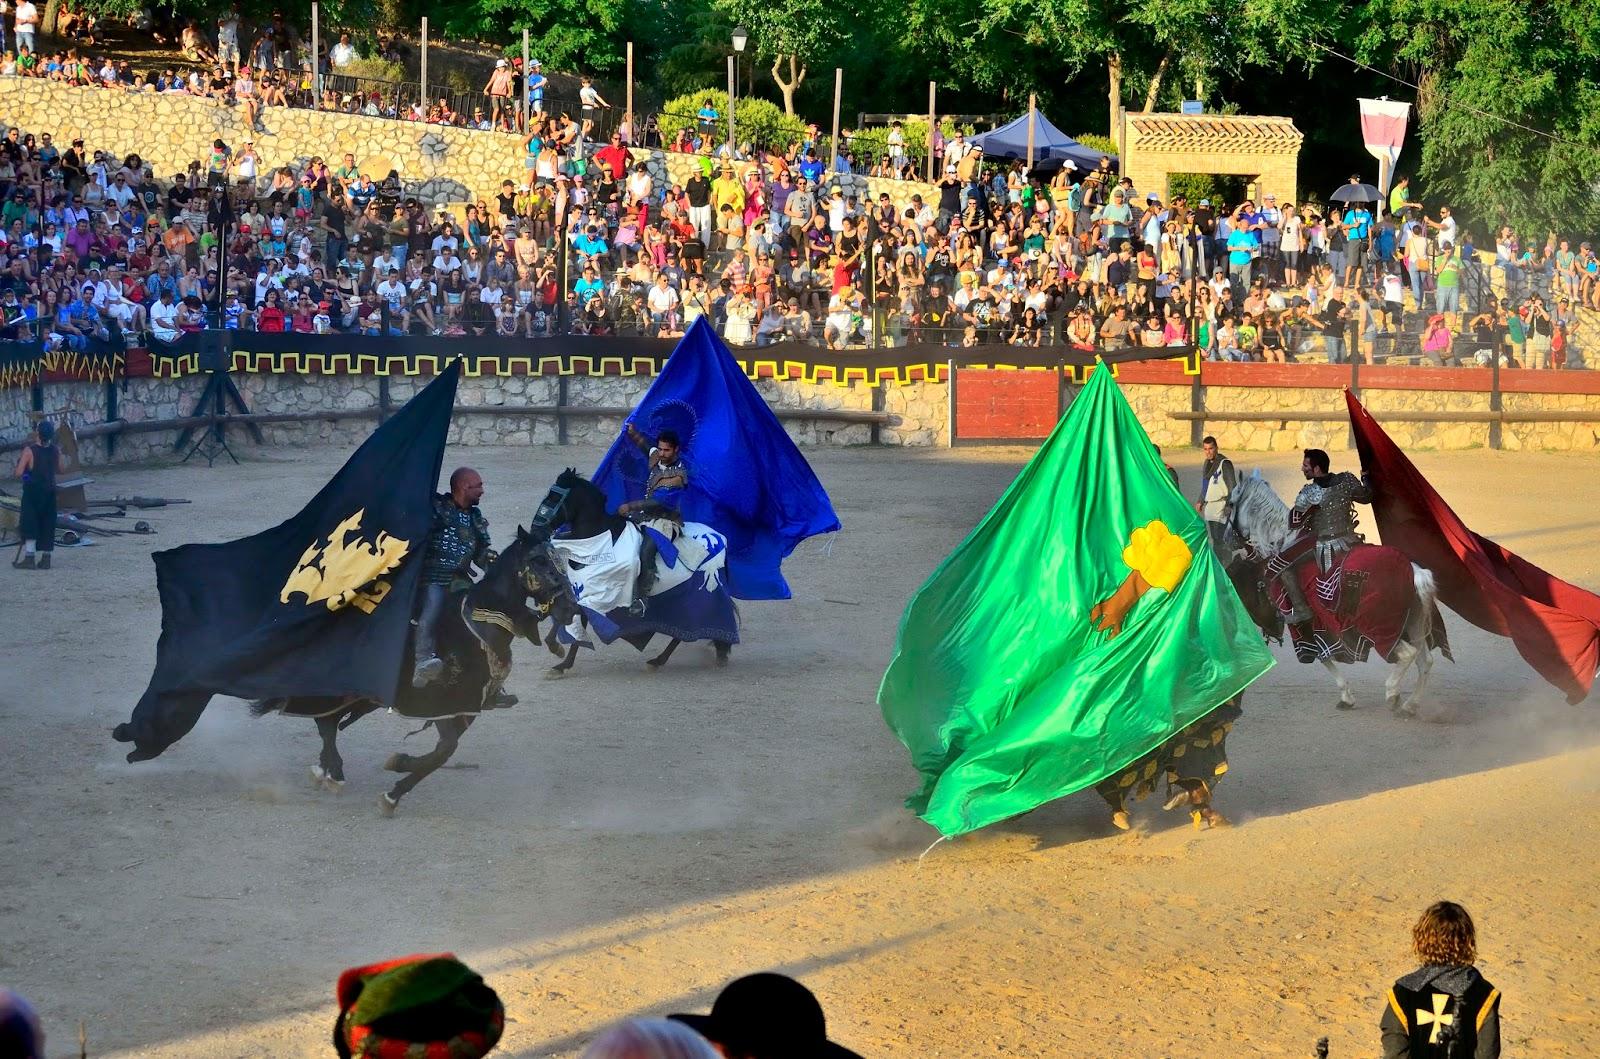 Presentación de los caballeros en el torneo medieval en Hita. Imagen: Daniel Salvador